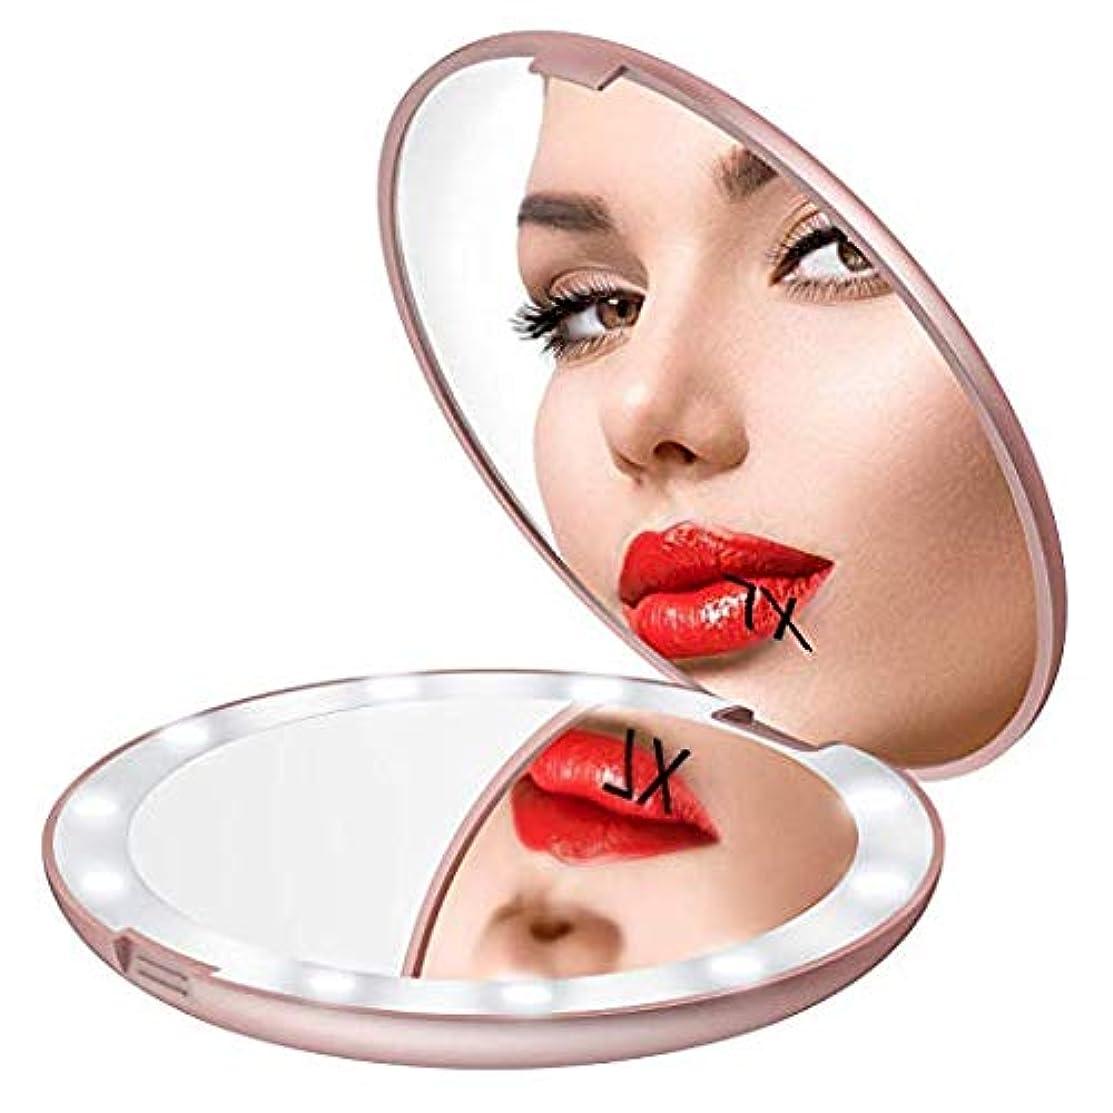 配送用心深い最も遠いGospire 化粧鏡 7倍拡大鏡 携帯ミラー 化粧ミラー LEDライト 手鏡 折りたたみ式 コンパクト 角度調整可 (ピンクゴールド)